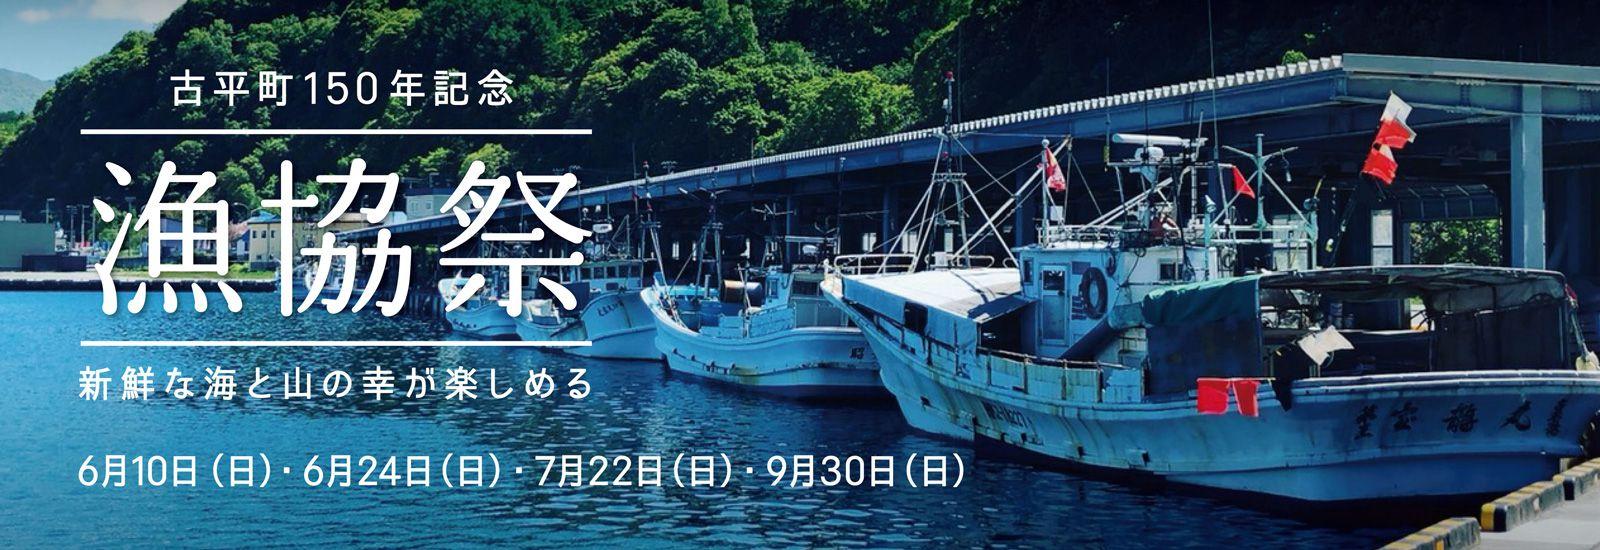 漁協祭〜新鮮な海と山の幸が楽しめる